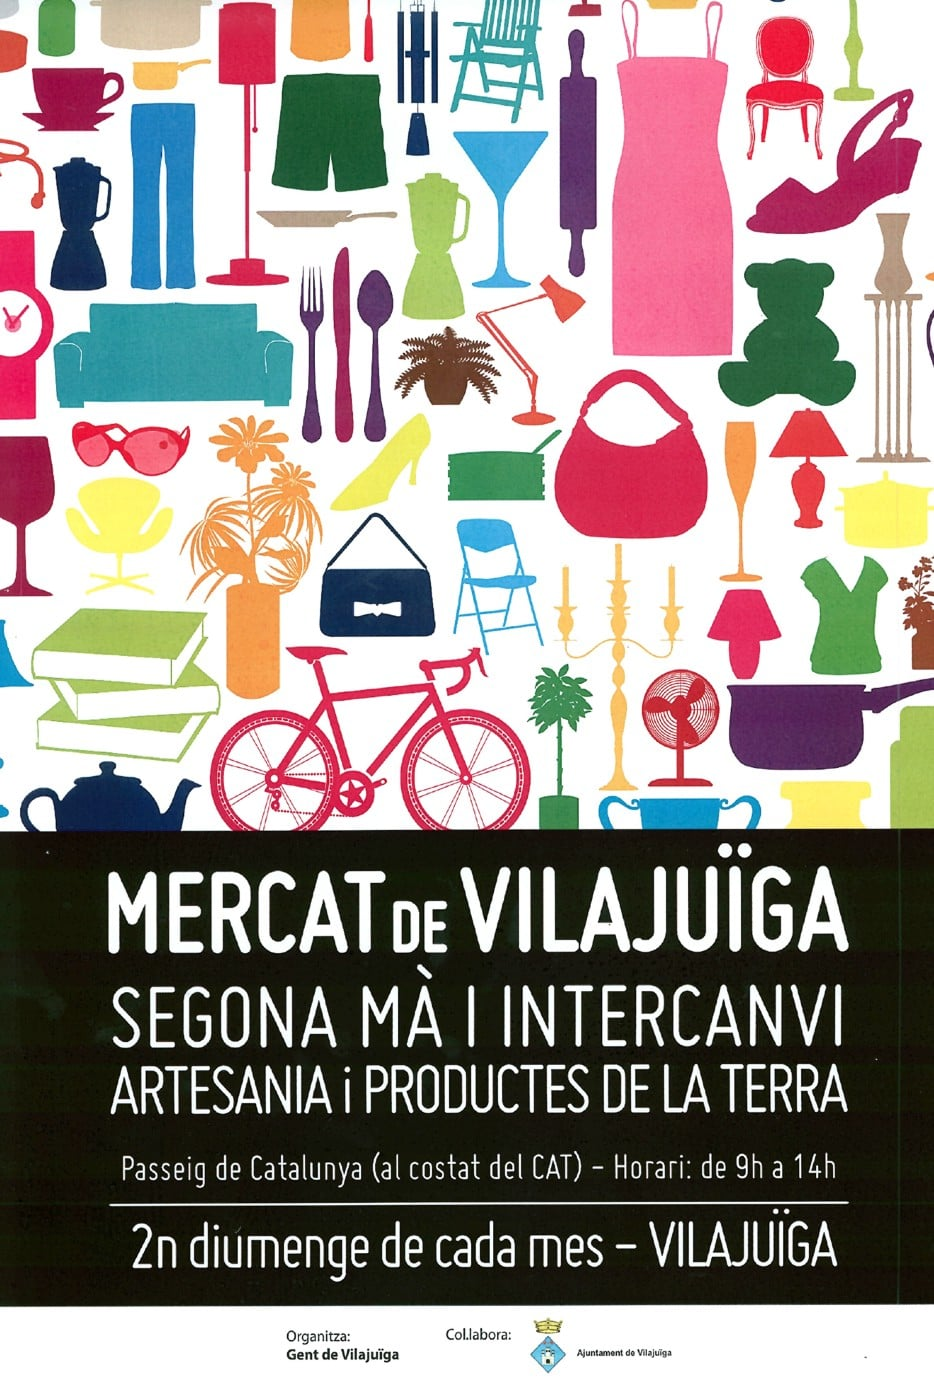 Mercat de Vilajuïga: Segona mà i intercanvi artesania i productes de la terra